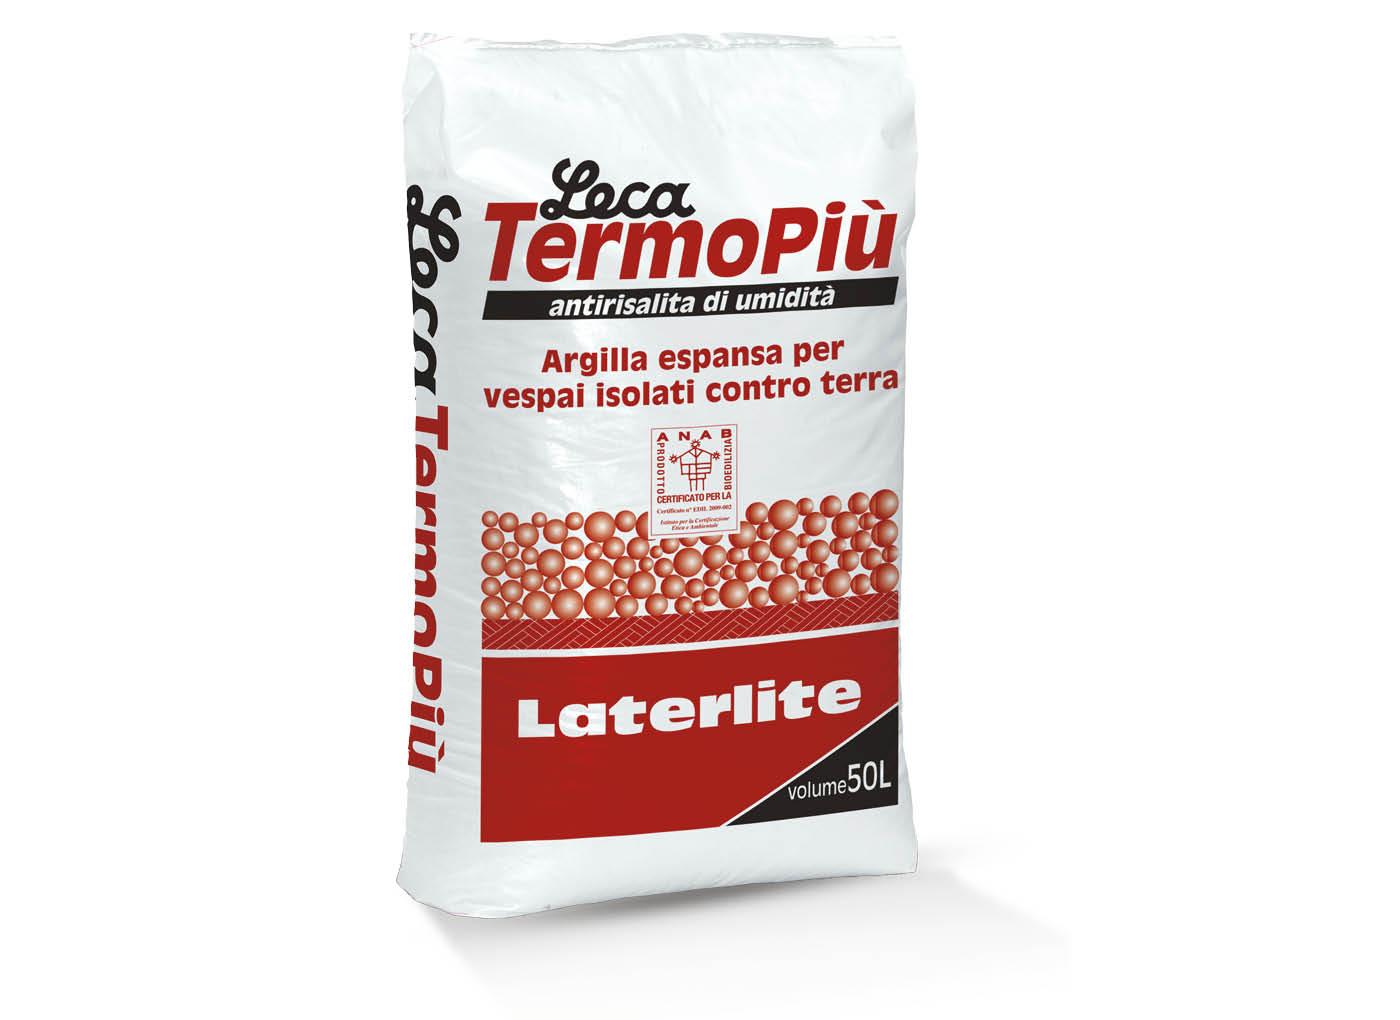 sacco-leca-termopiù-vespai-isolati-contro-terra-P3-1